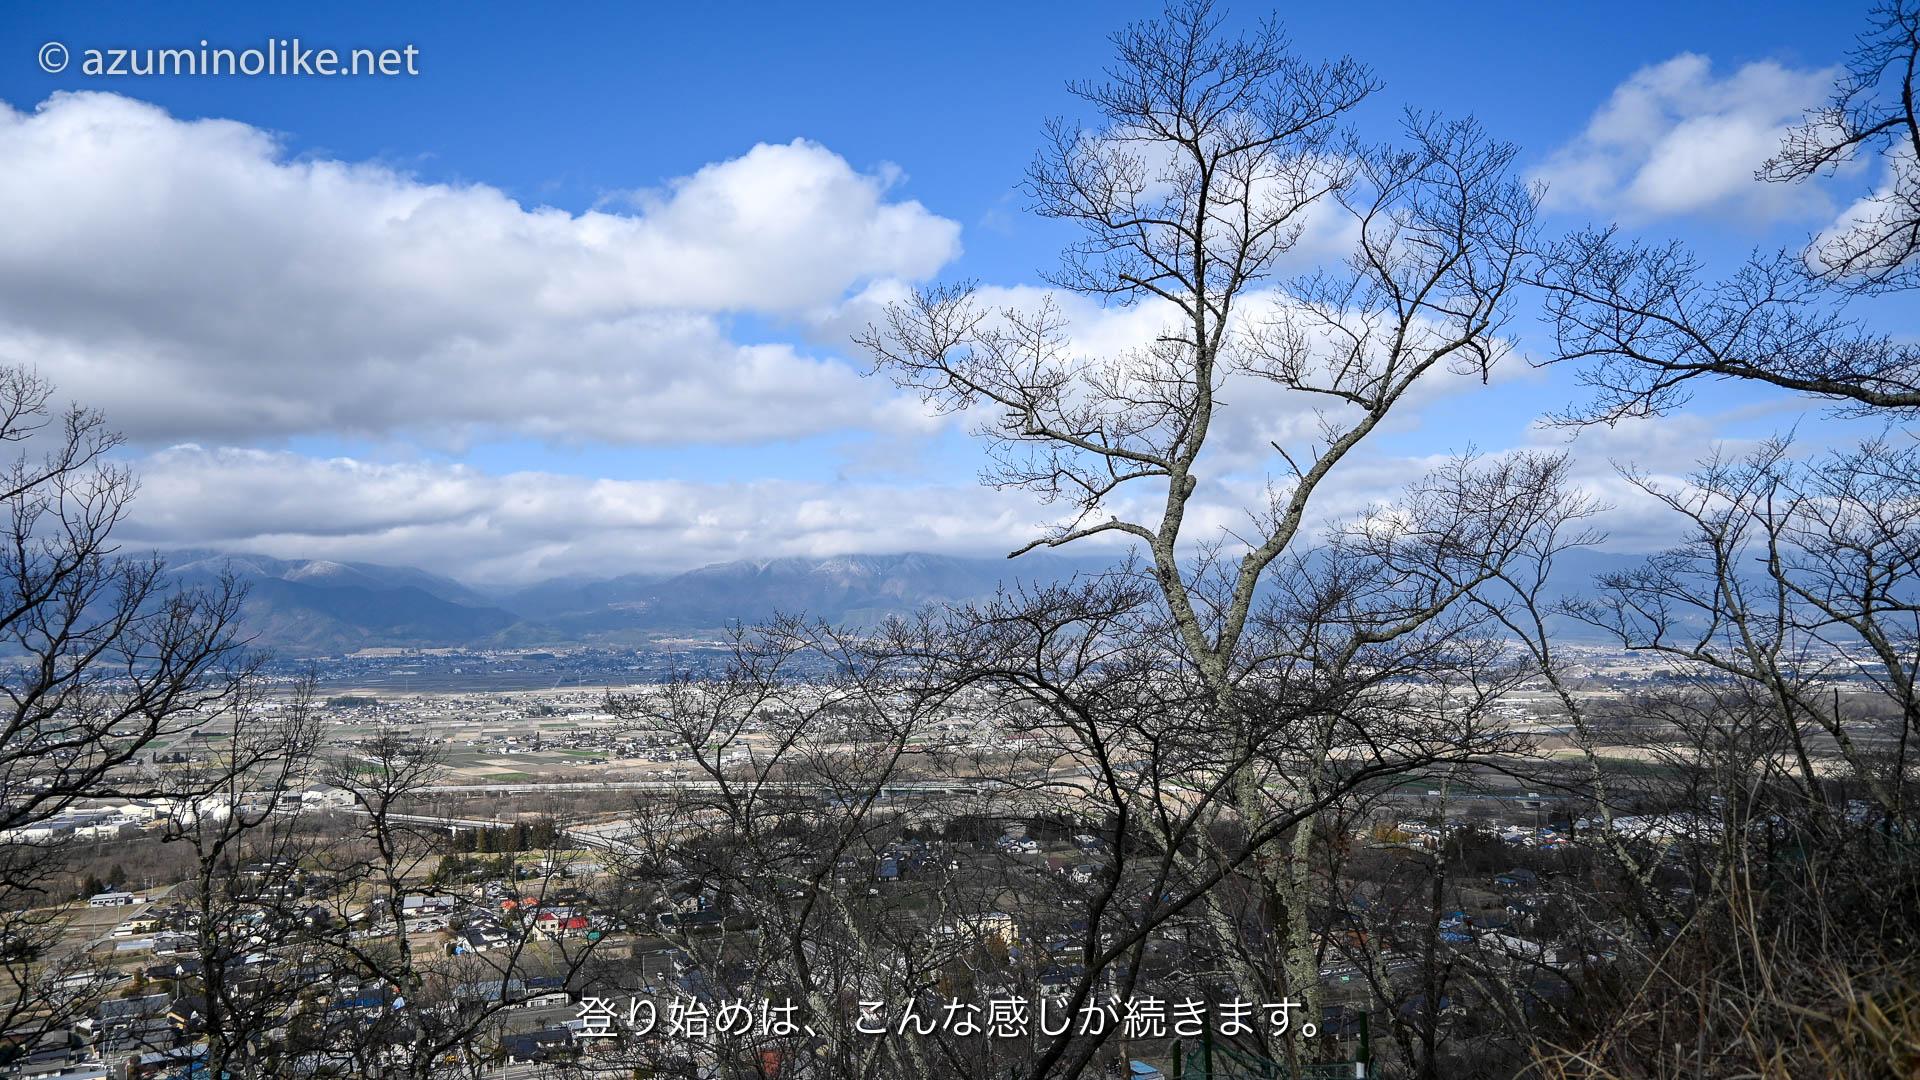 hikari312_ページ_02